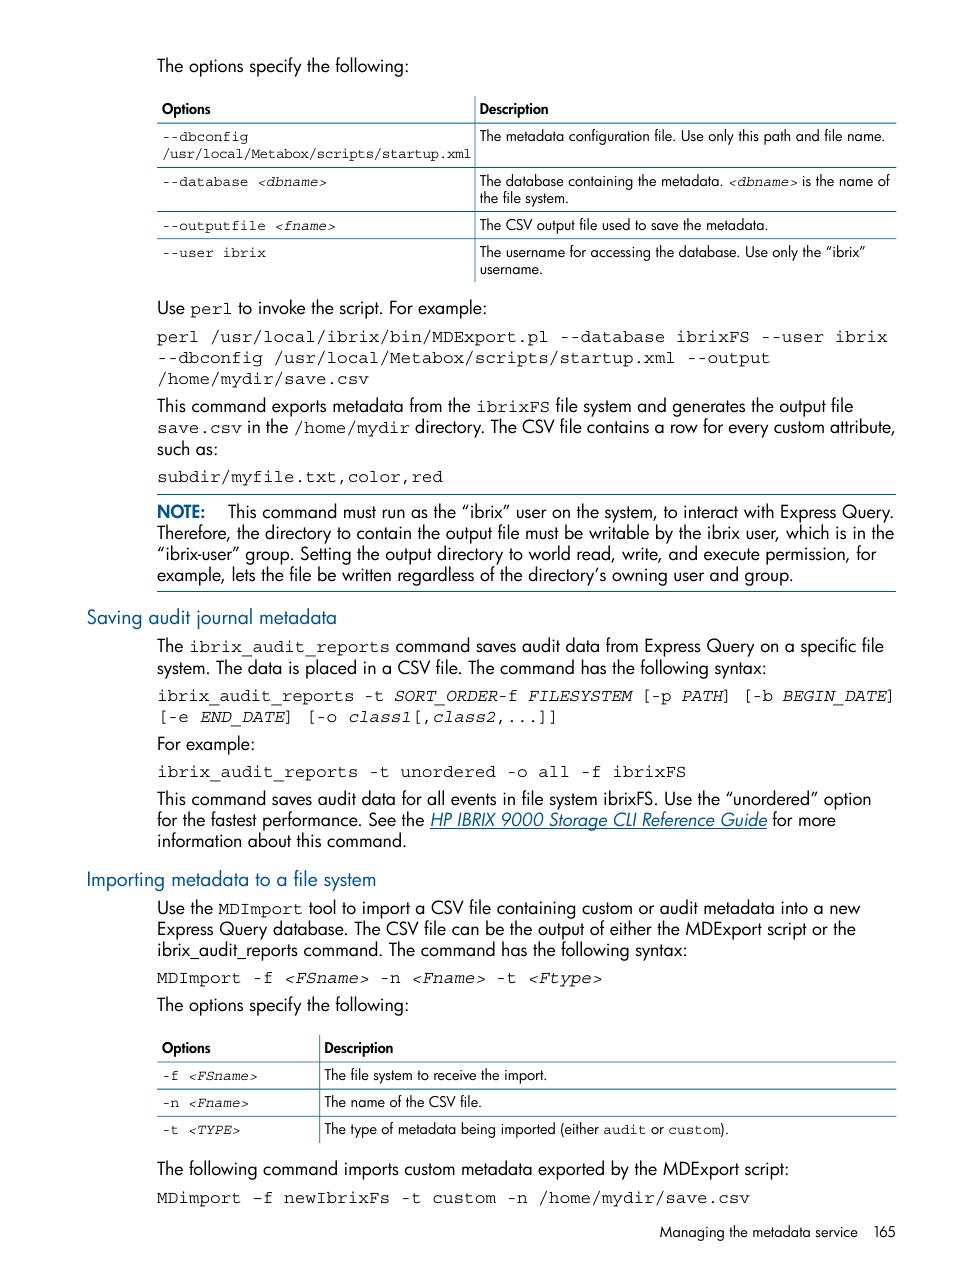 Saving audit journal metadata, Importing metadata to a file